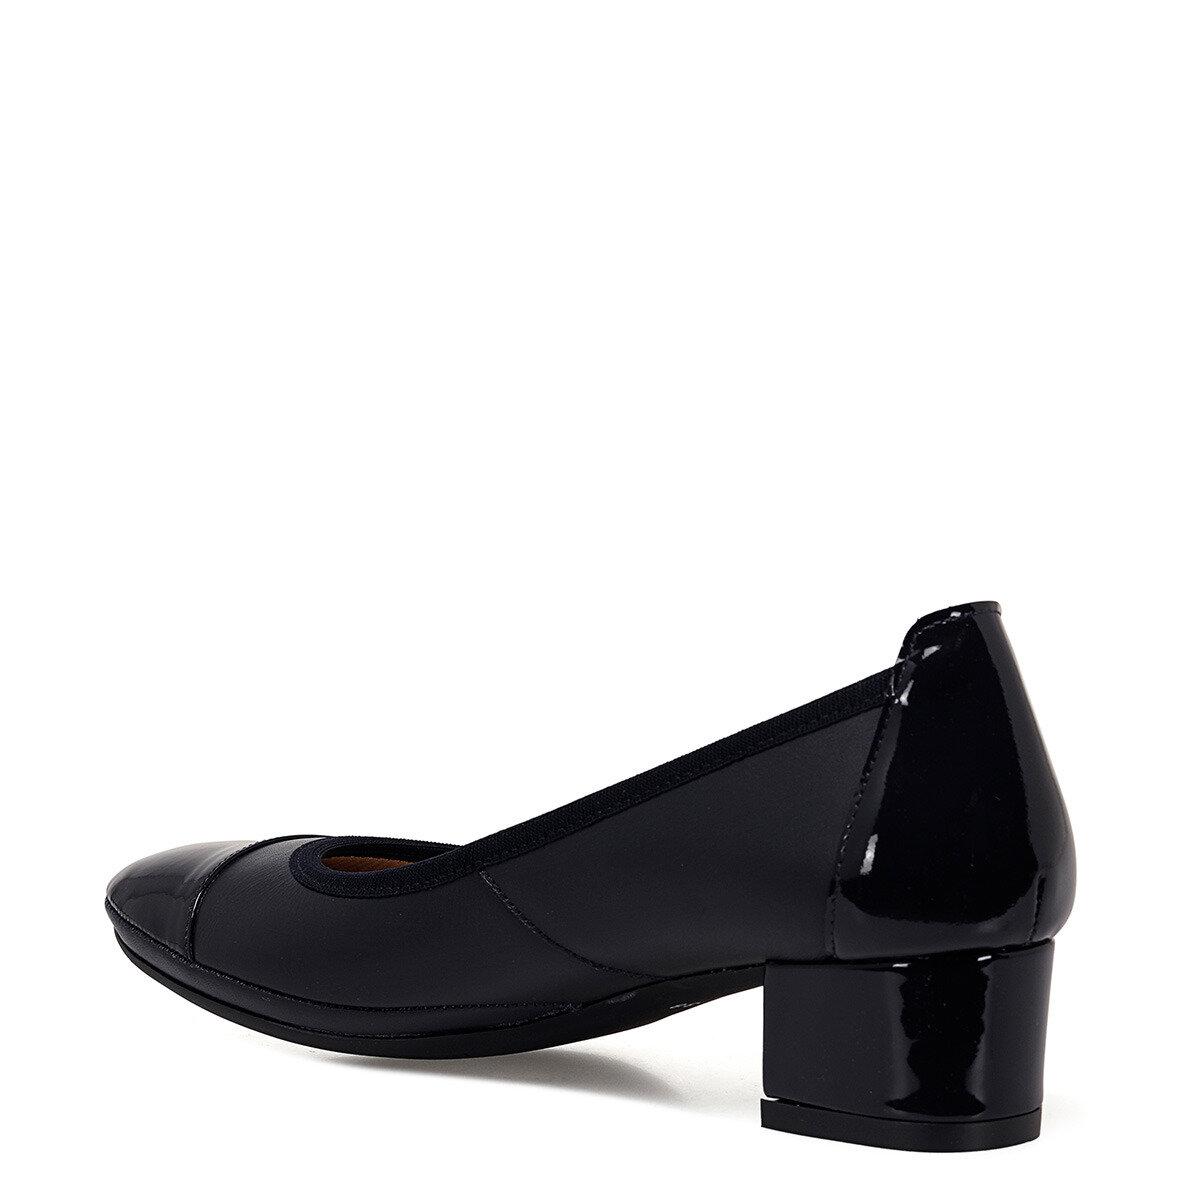 FLEXINE Lacivert Kadın Topuklu Ayakkabı